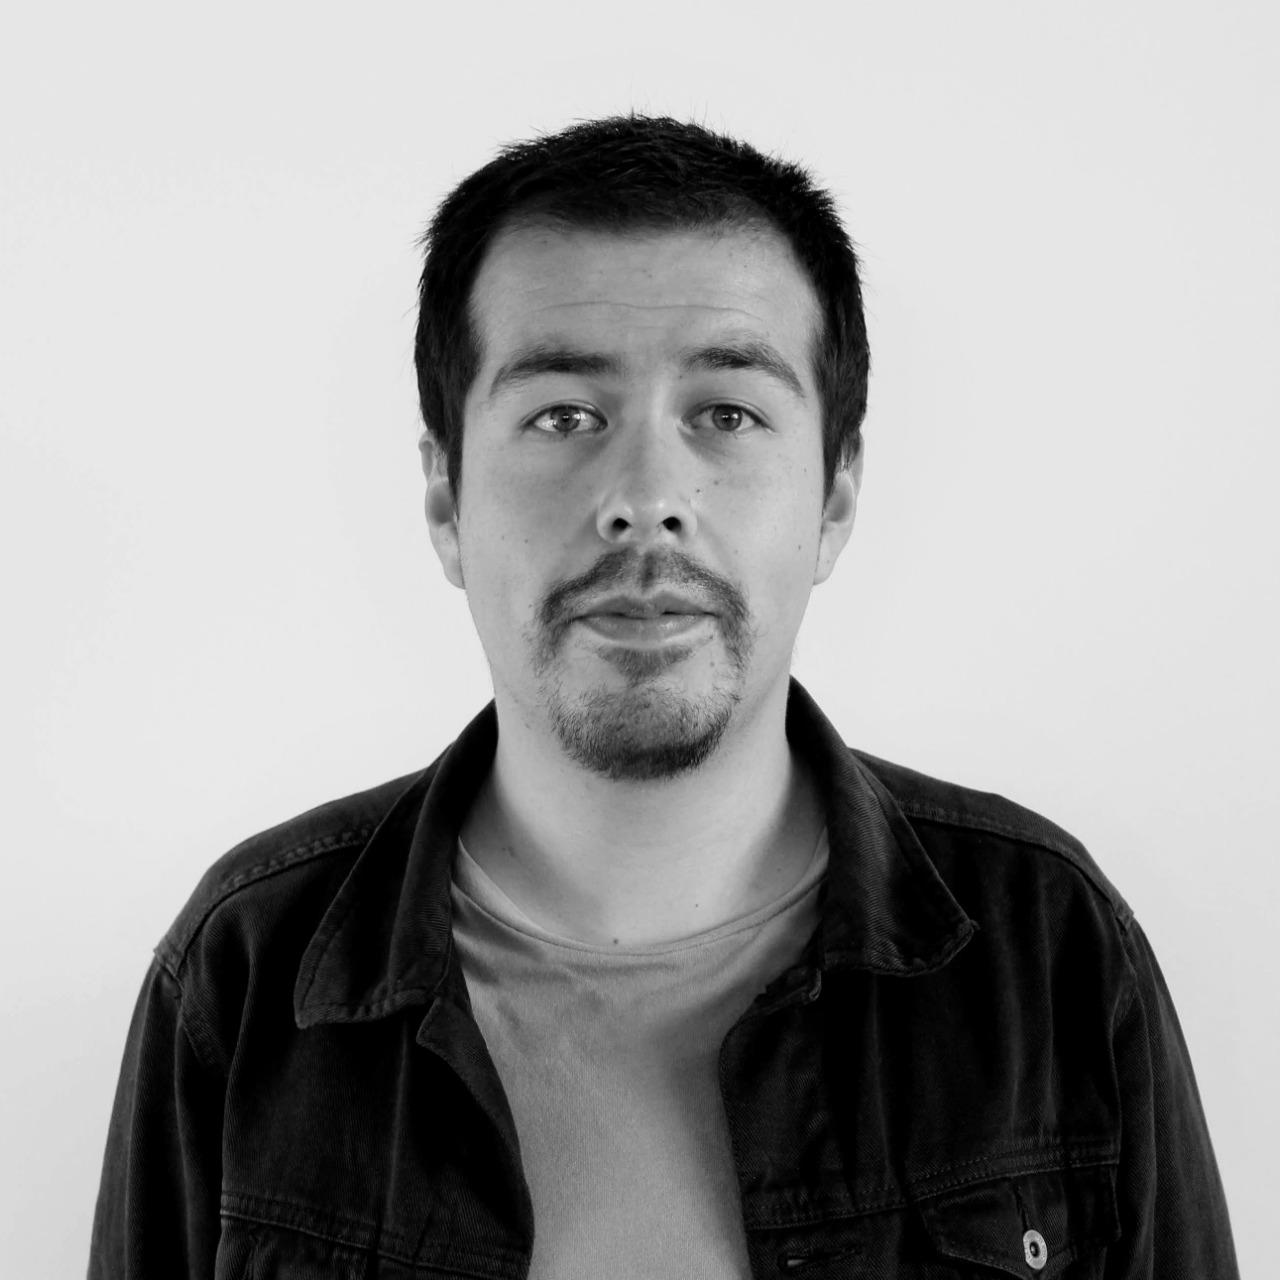 Jorge Luis Aguilar